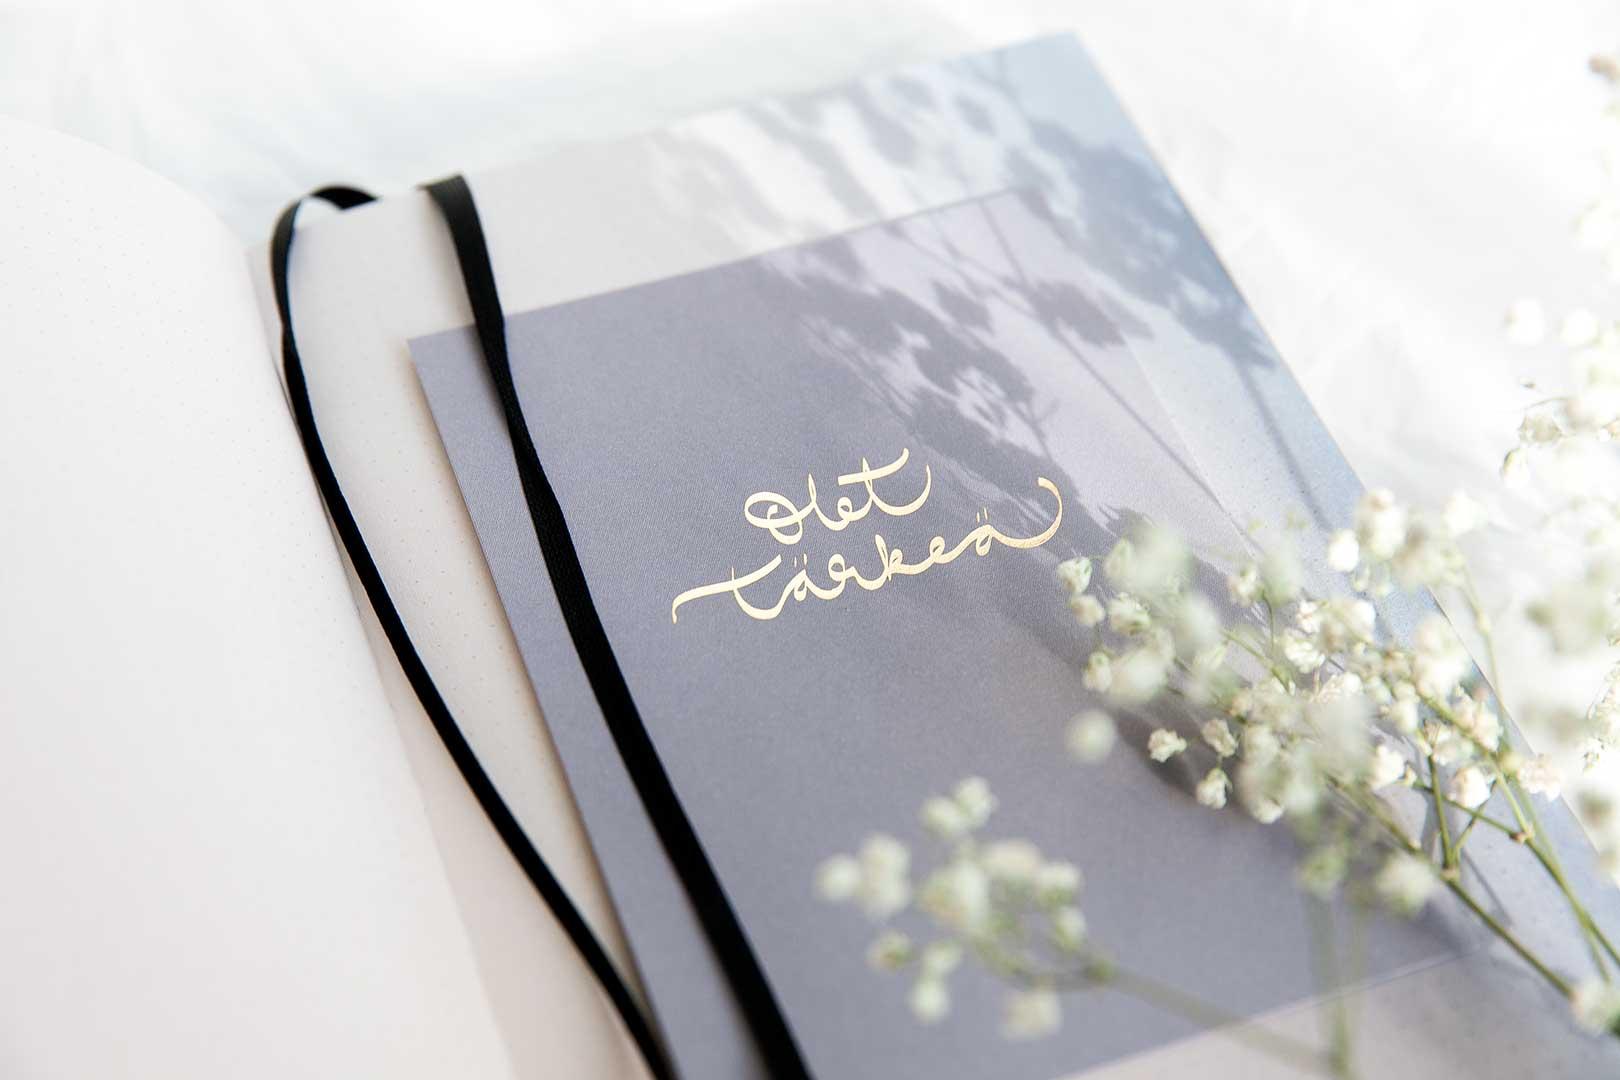 postikortti, modernit ja herkät kalligrafiat sekä murretut sävyt – Annika Välimäki